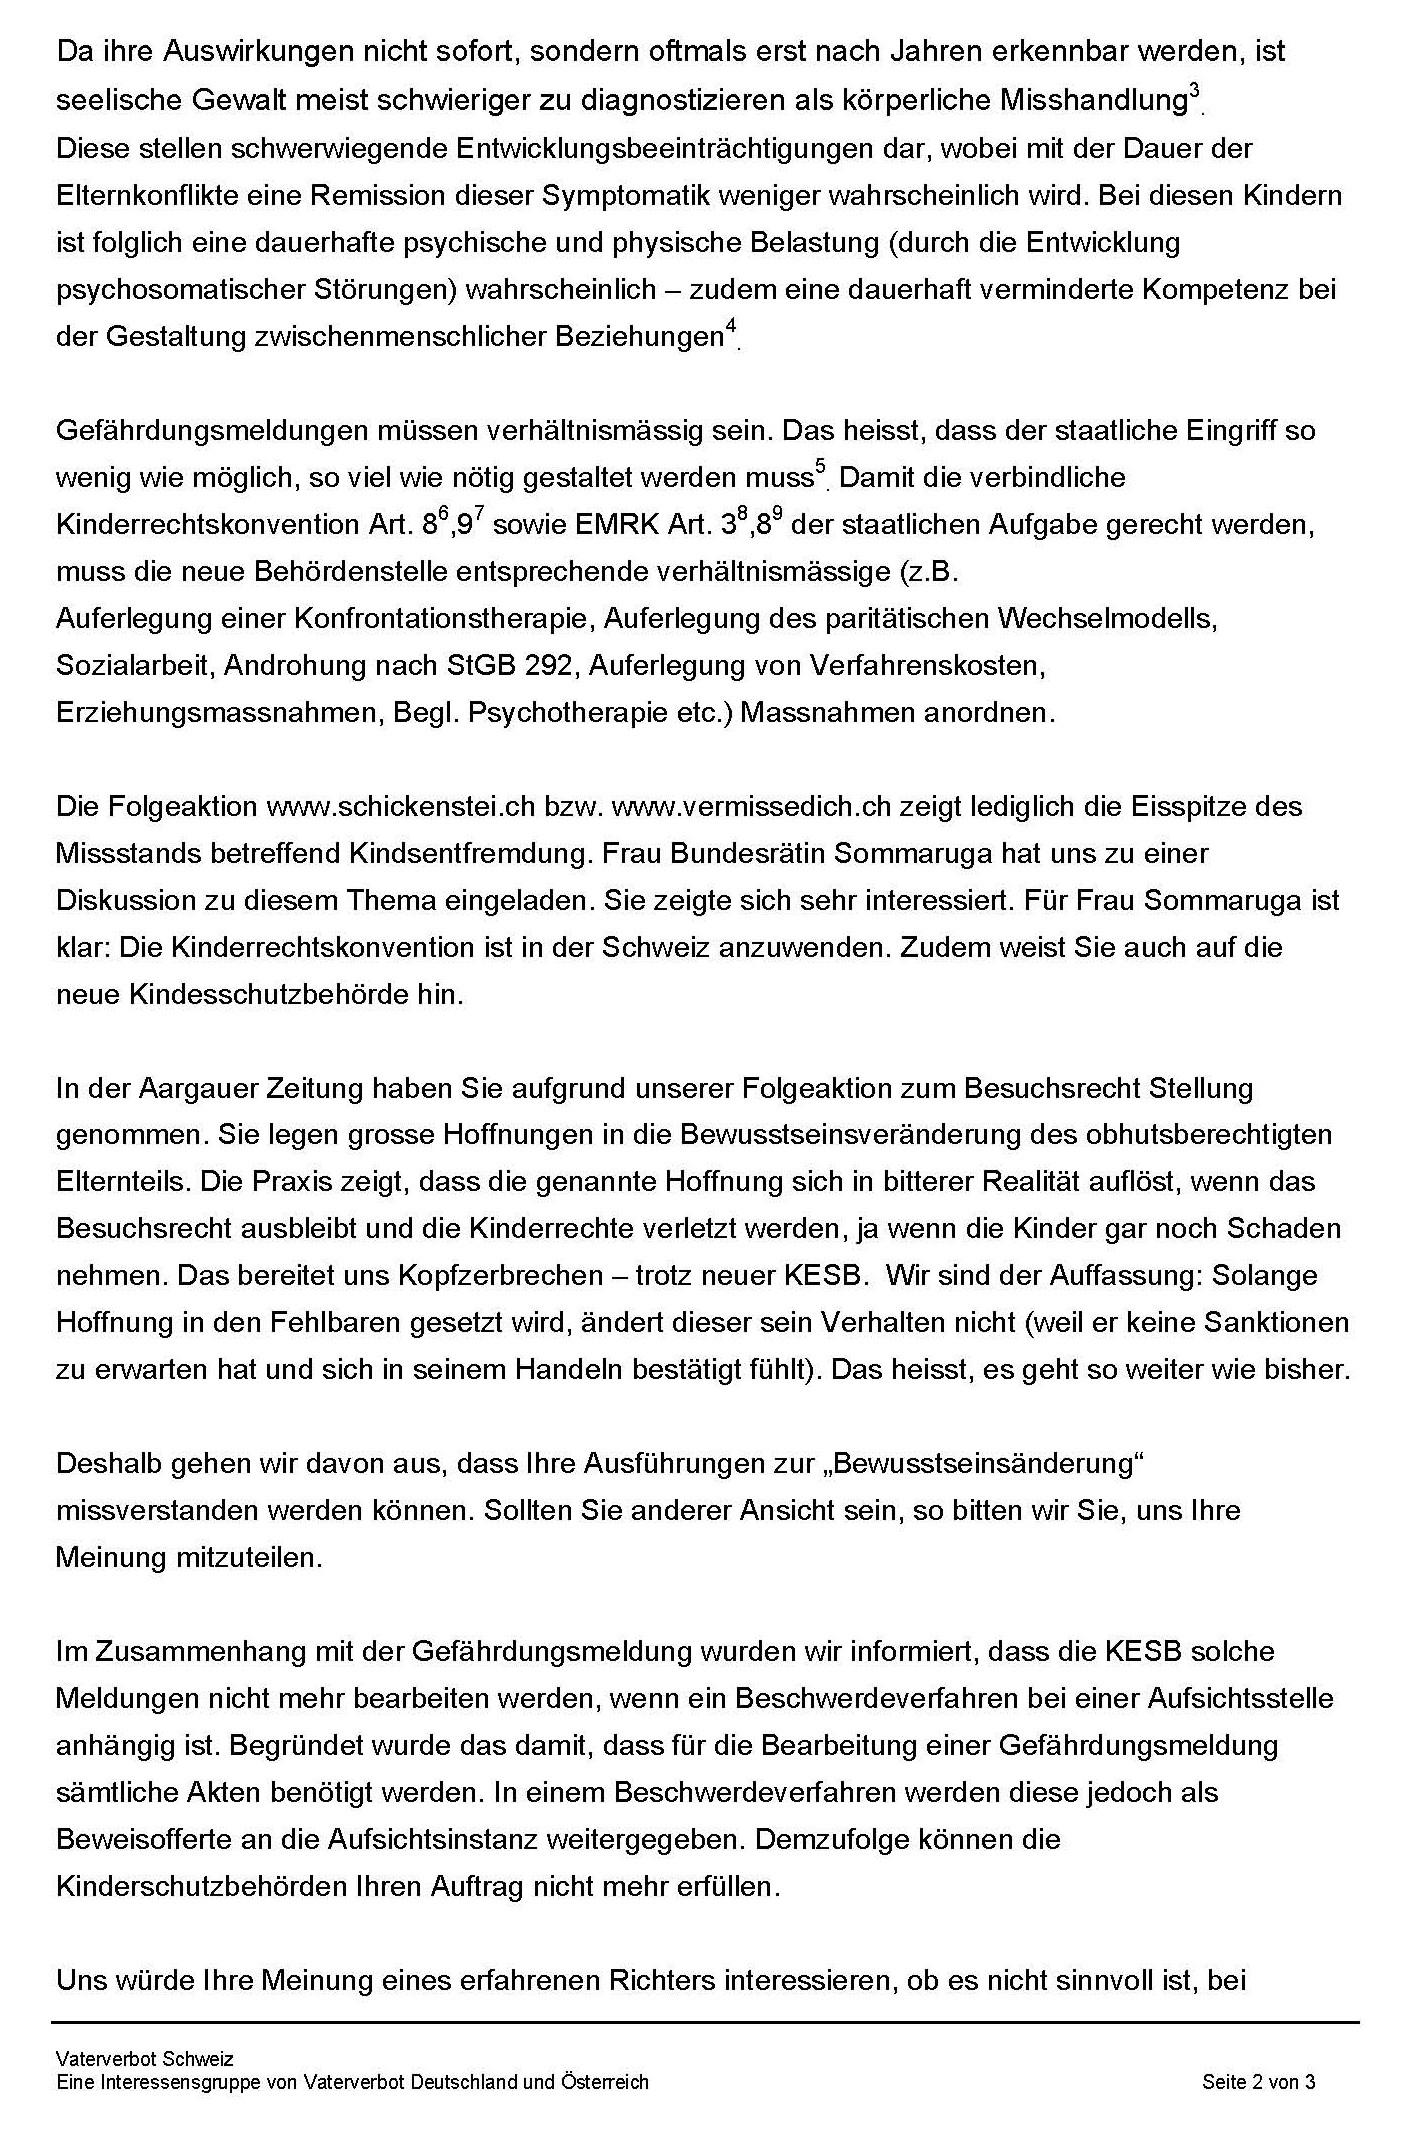 Anfrage Guido Marbet Gefährdungsmeldung S2